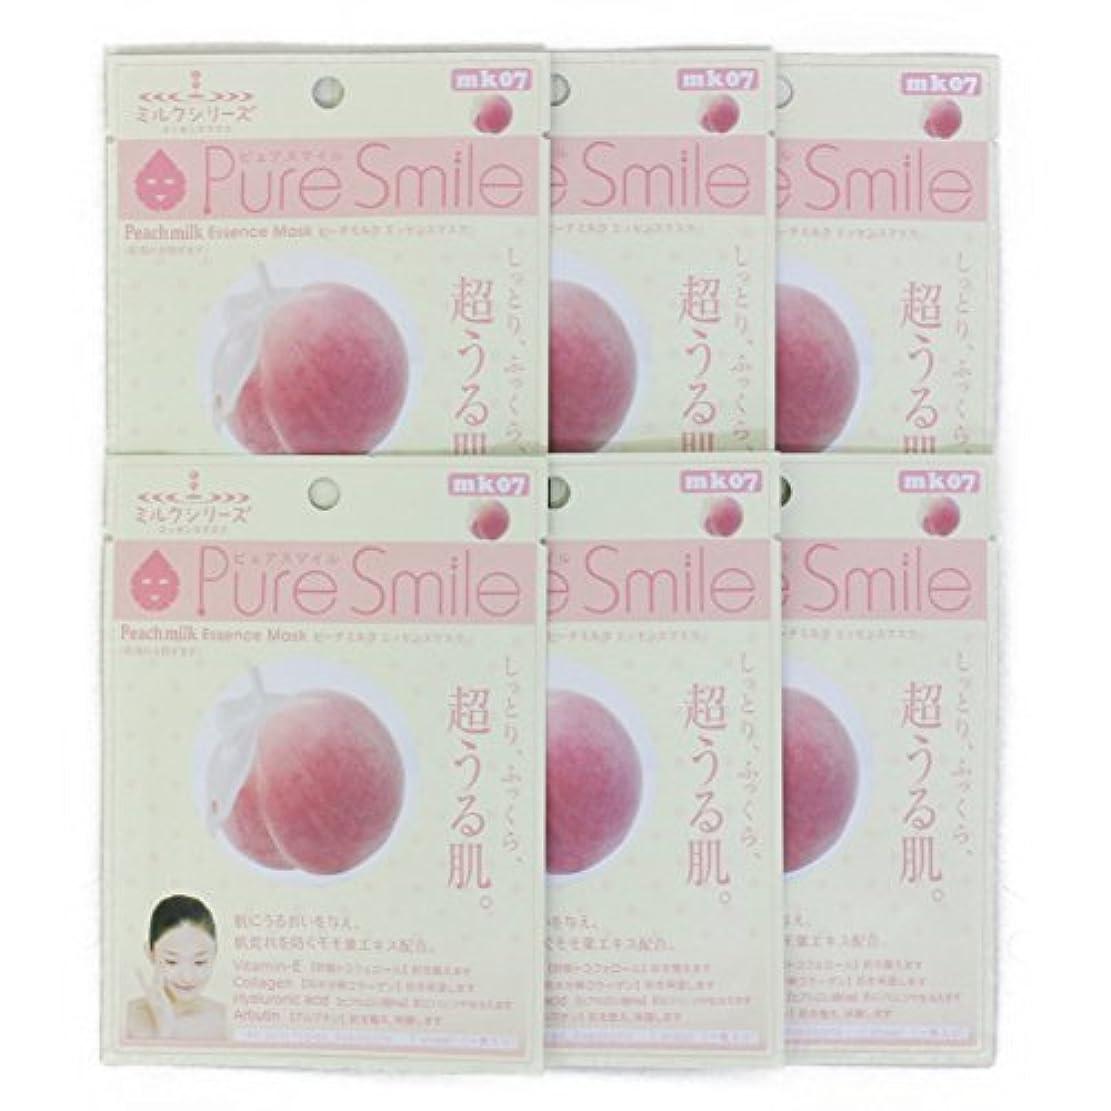 Pure Smile ピュアスマイル ミルクエッセンスマスク ピーチミルク 6枚セット